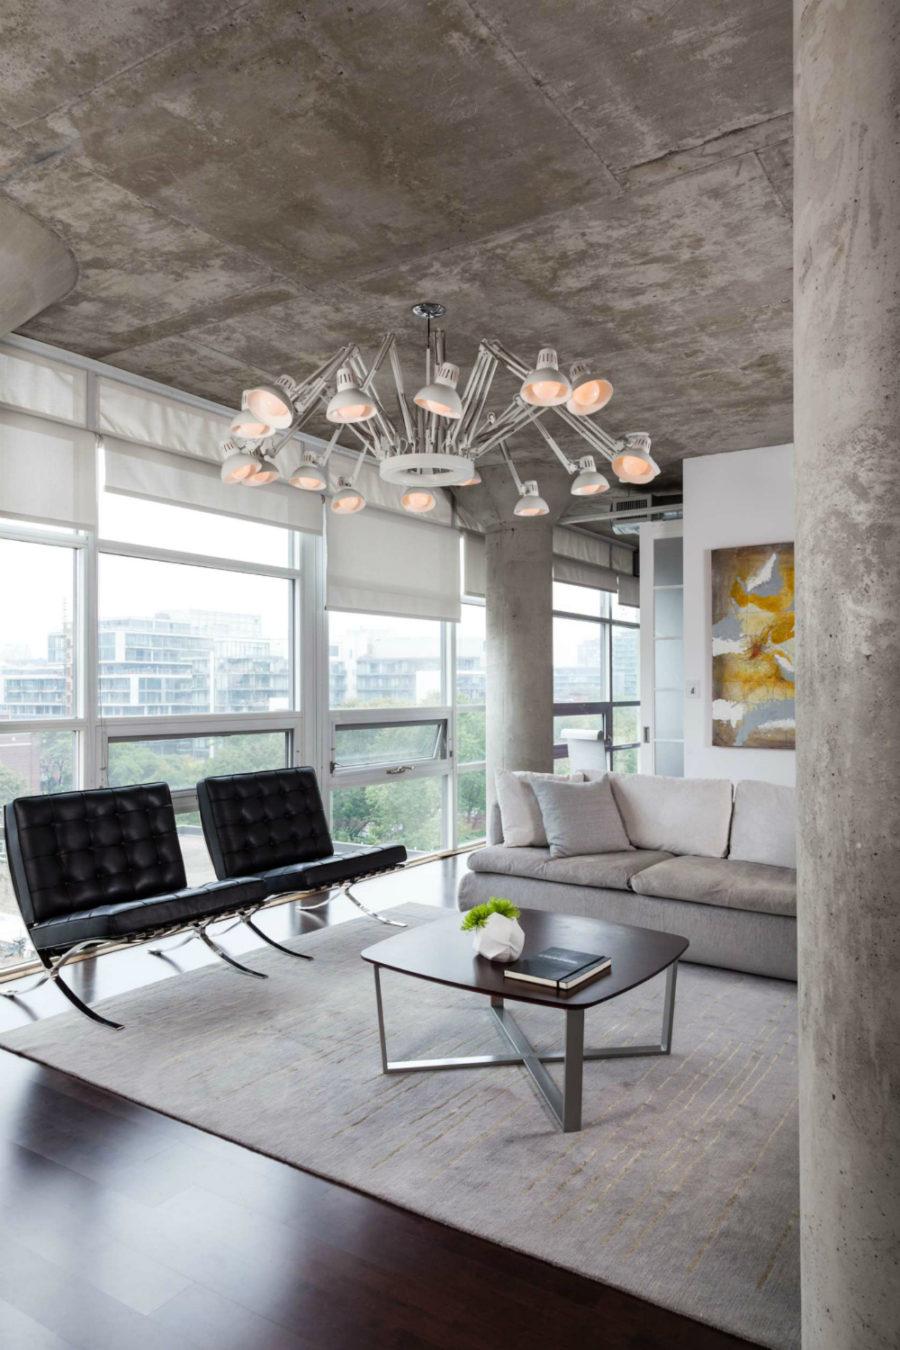 Concrete interior architecture